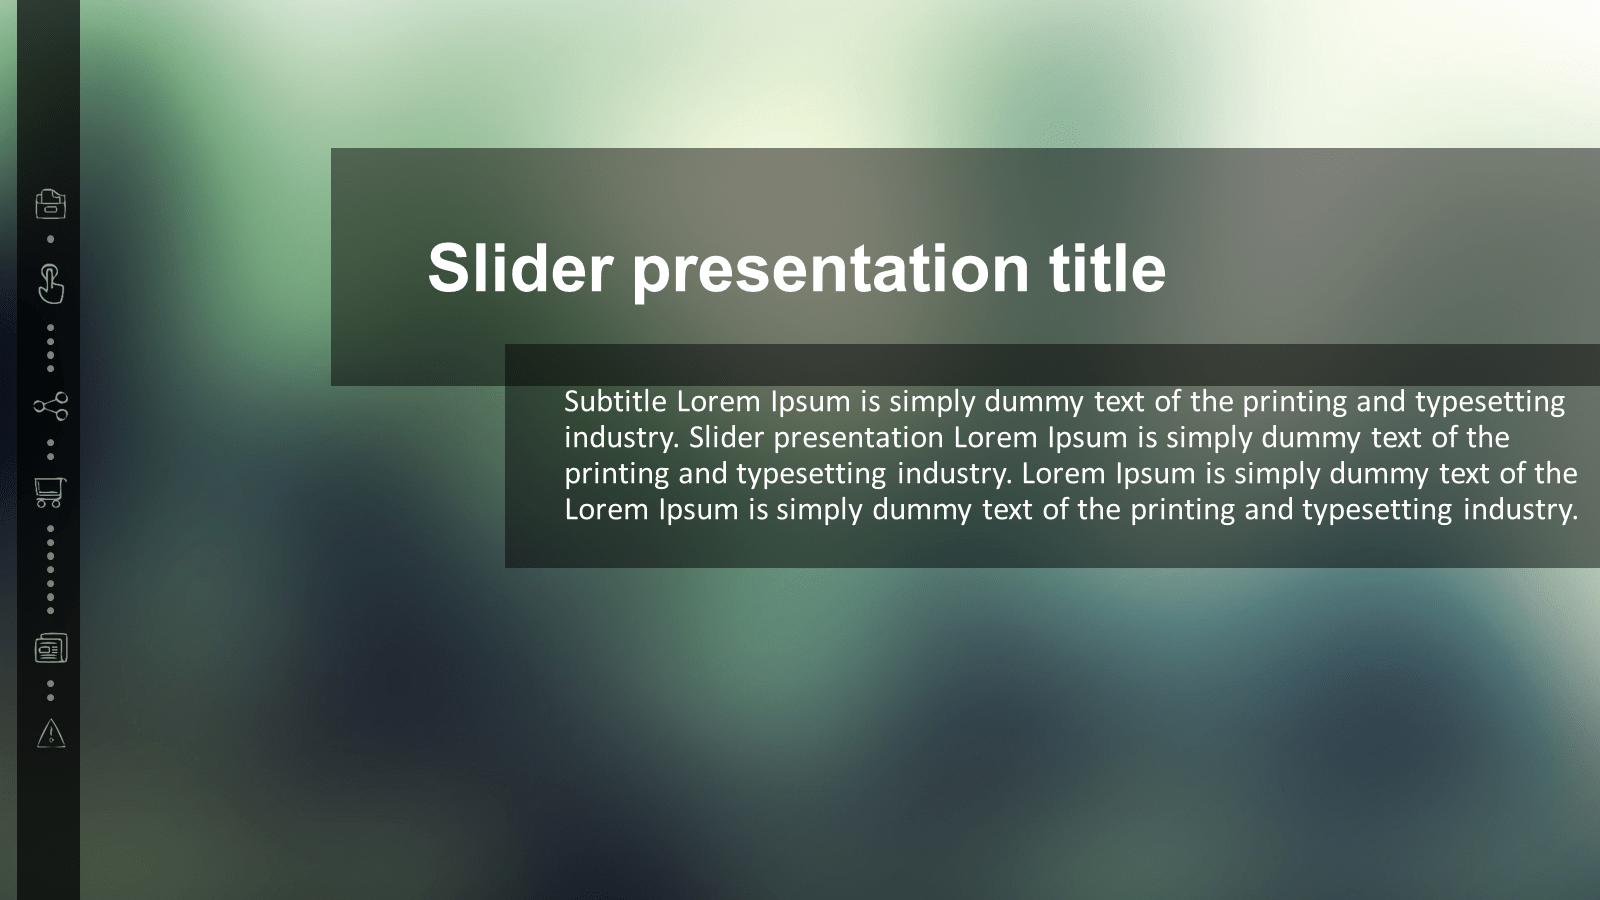 шаблон для презентации powerpoint бизнес скачать бесплатно